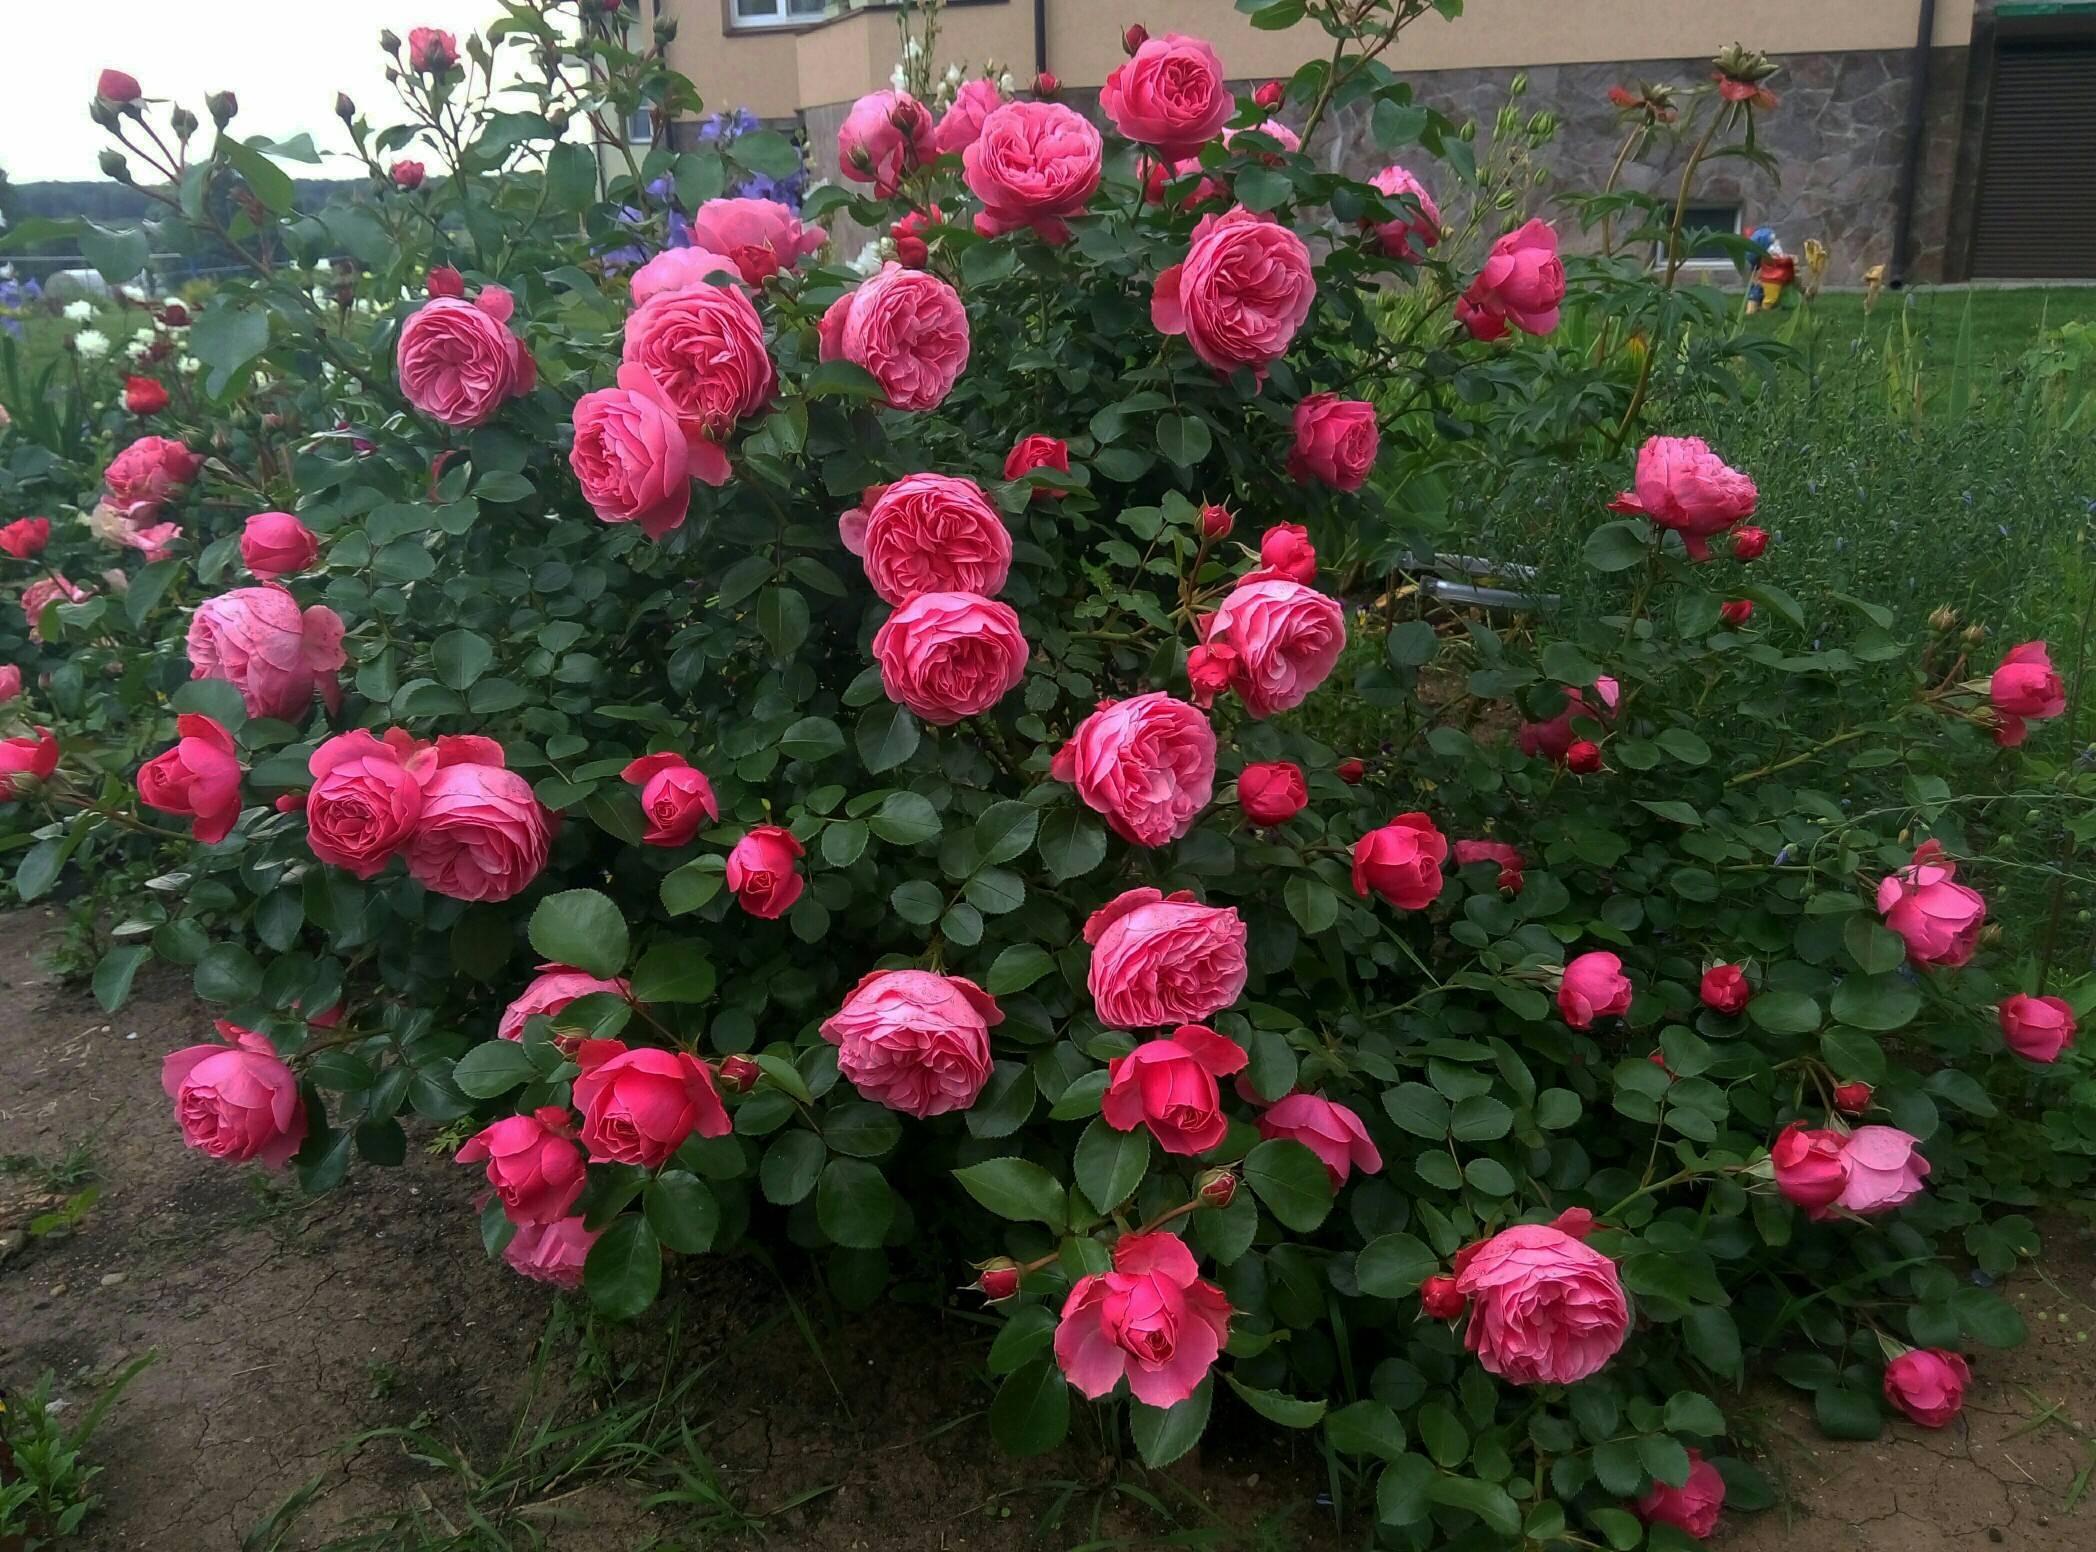 Английская полиантовая роза флорибунда leonardo da vinci (леонардо да винчи)